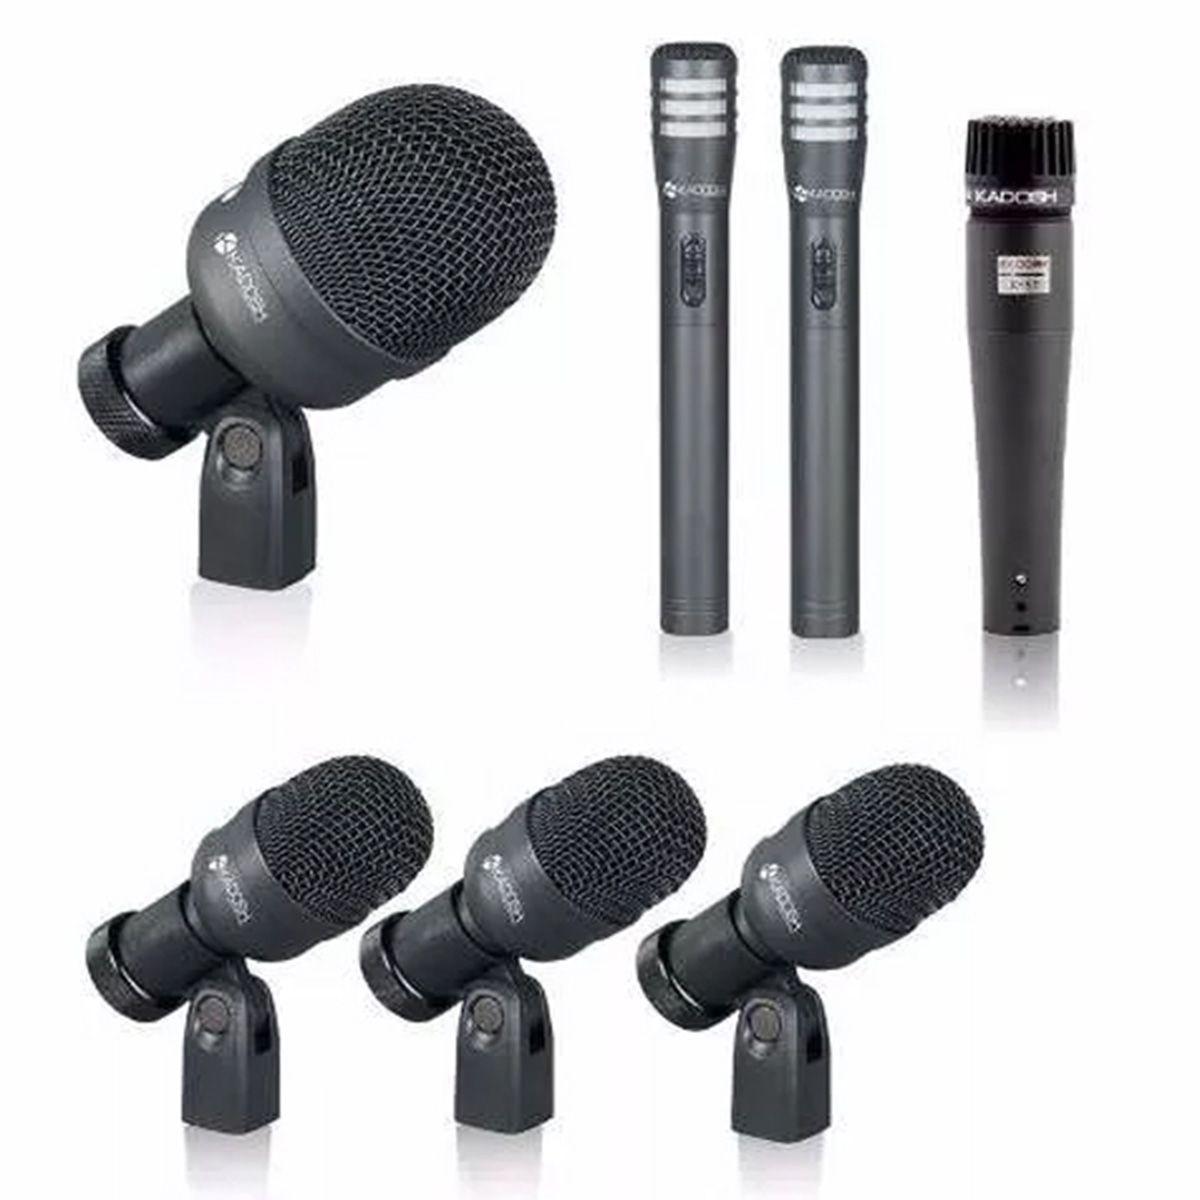 Kit Microfone Profissional Bateria K 7 Slim - Kadosh ( K7 Slim )